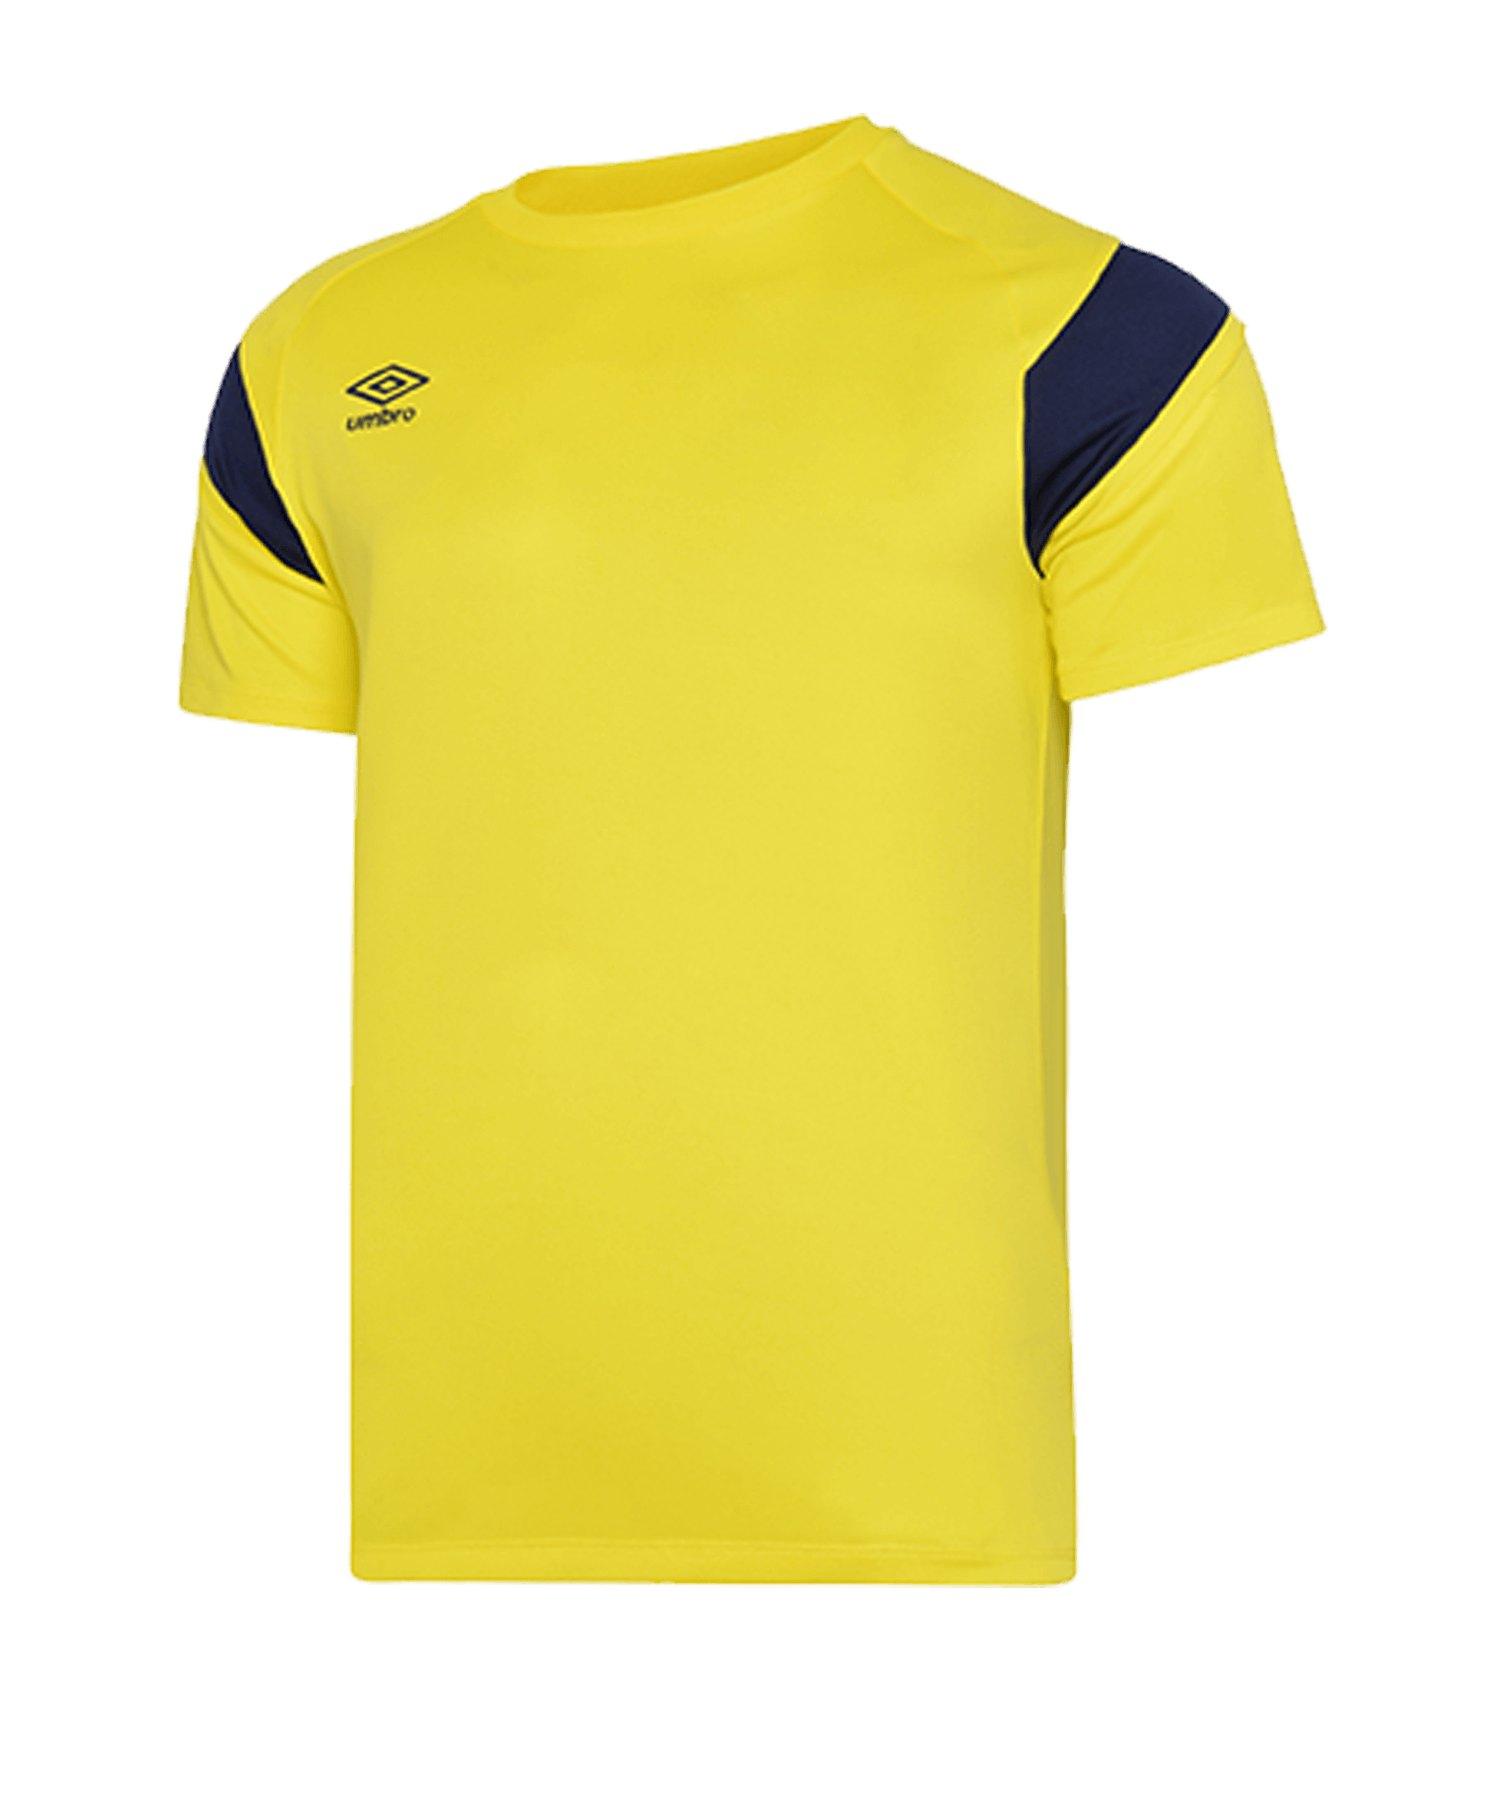 Umbro Training Jersey Trikot Gelb FGR7 - gelb